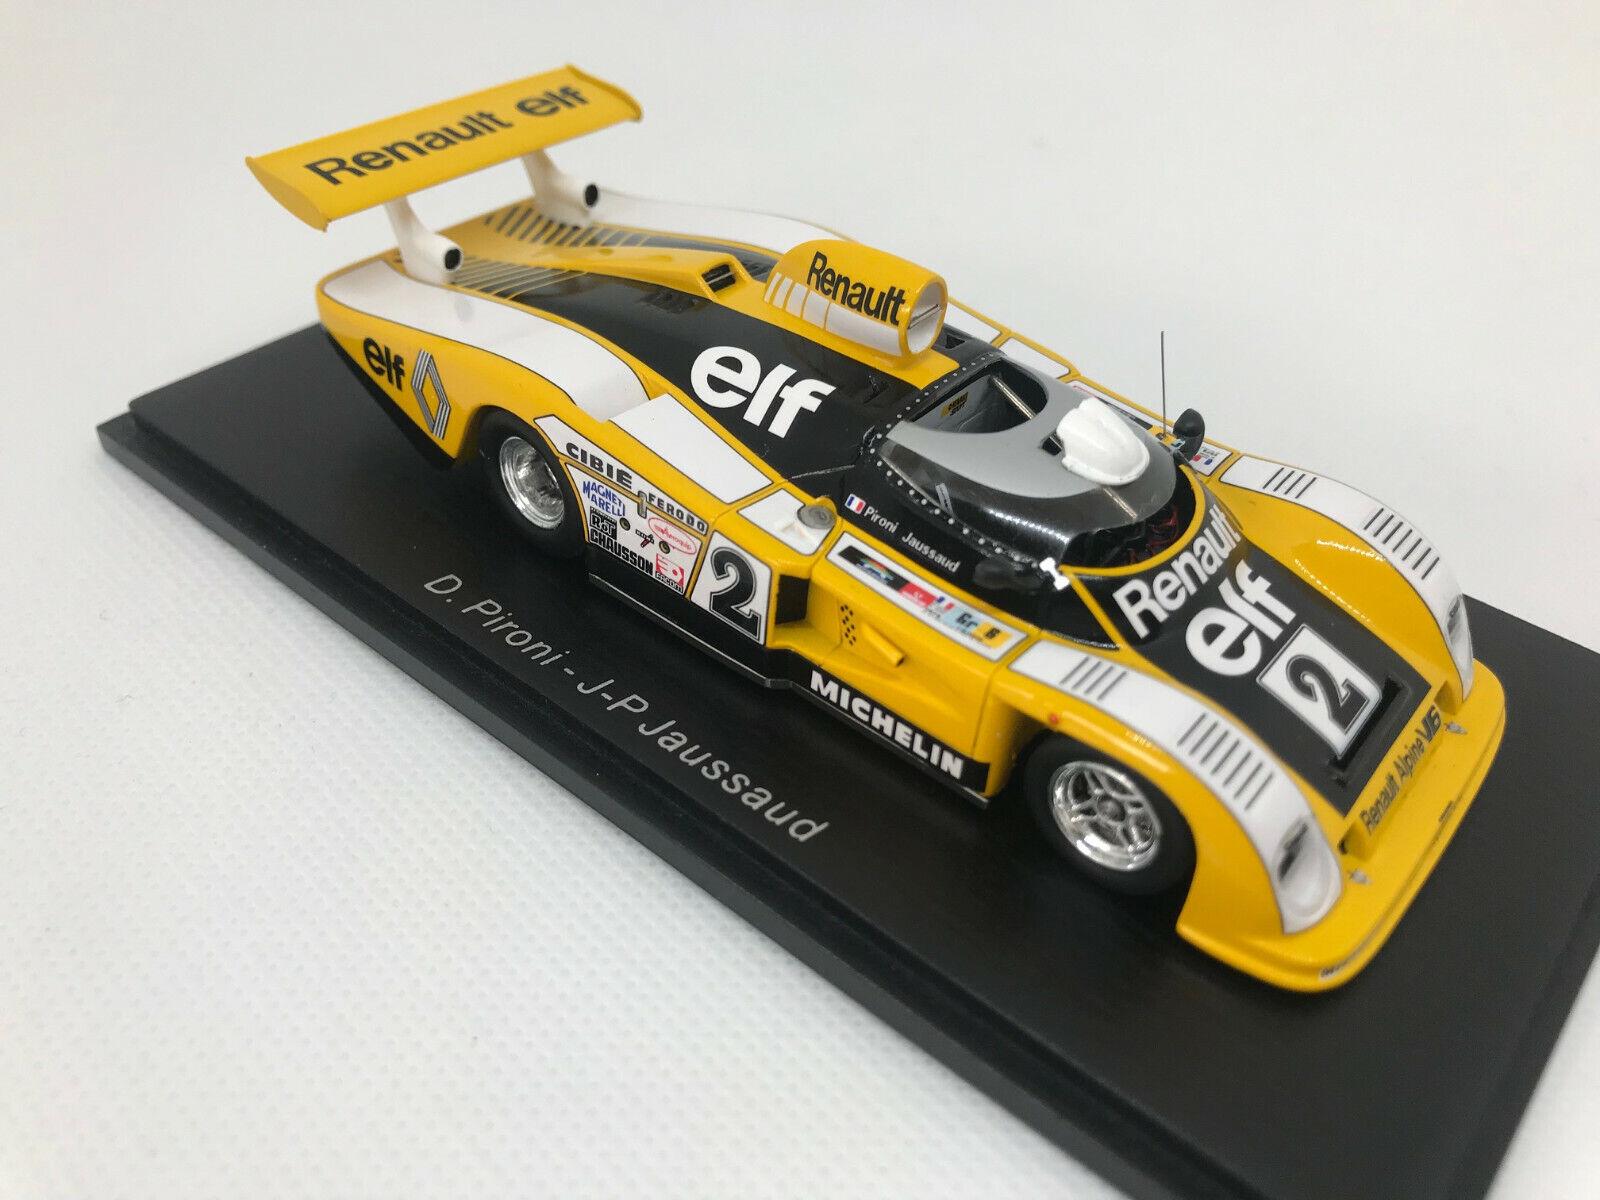 Venta al por mayor barato y de alta calidad. 1 43 Renault-Alpine a442    2 D. pironi jp Jaussaud victoria 24h Lemans ' 78 Spark 43lm78  Ahorre 35% - 70% de descuento